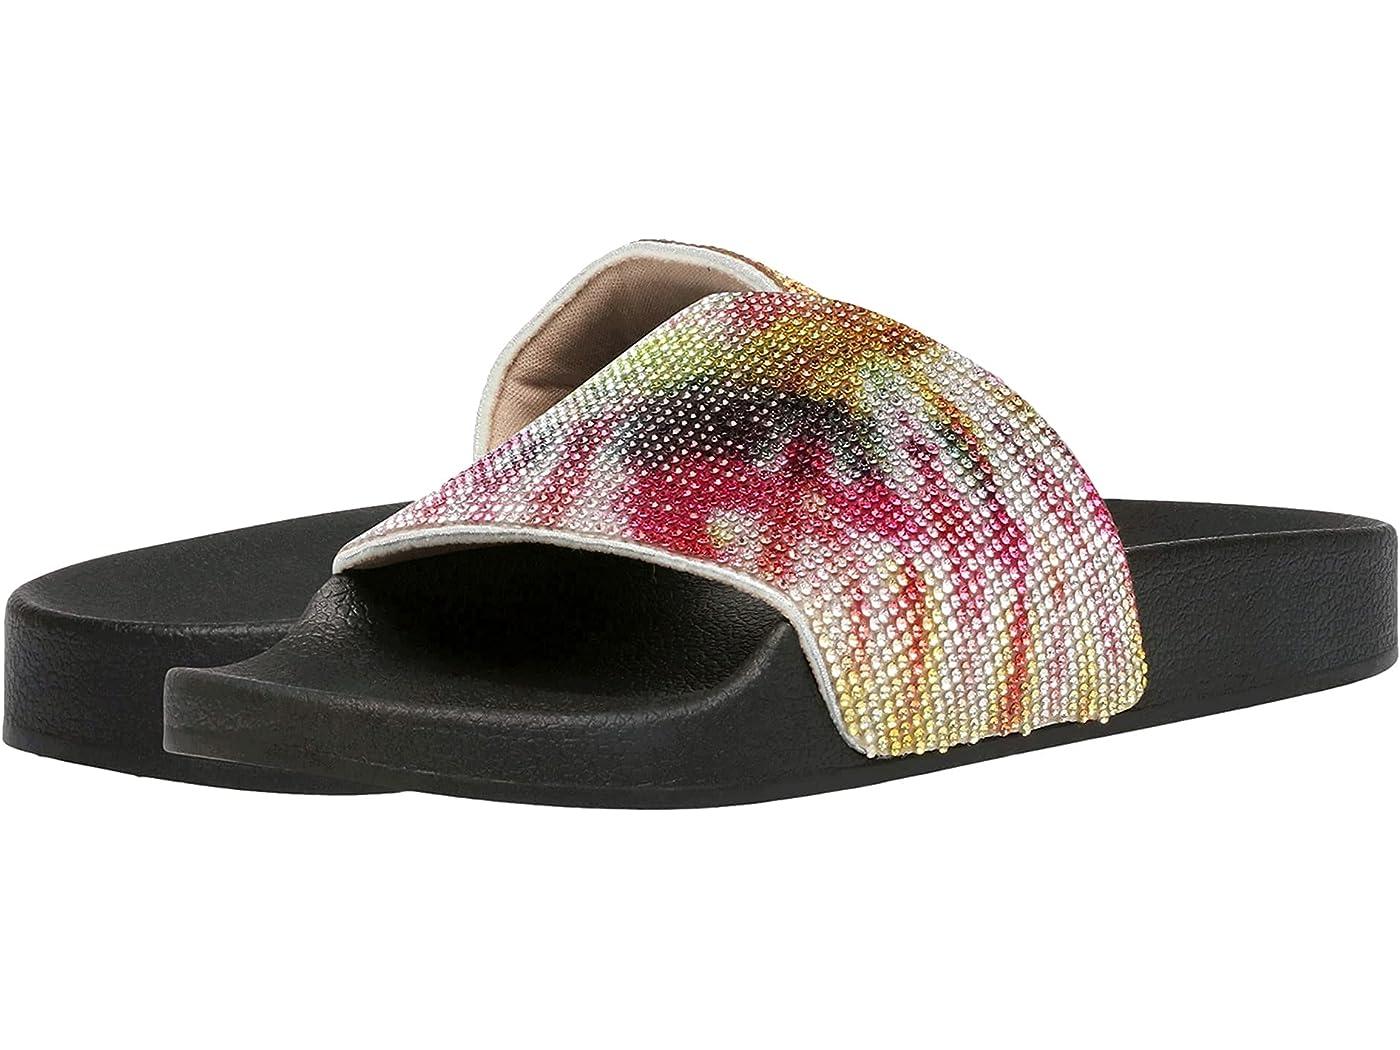 Steve Madden Softey-G Slide Sandal